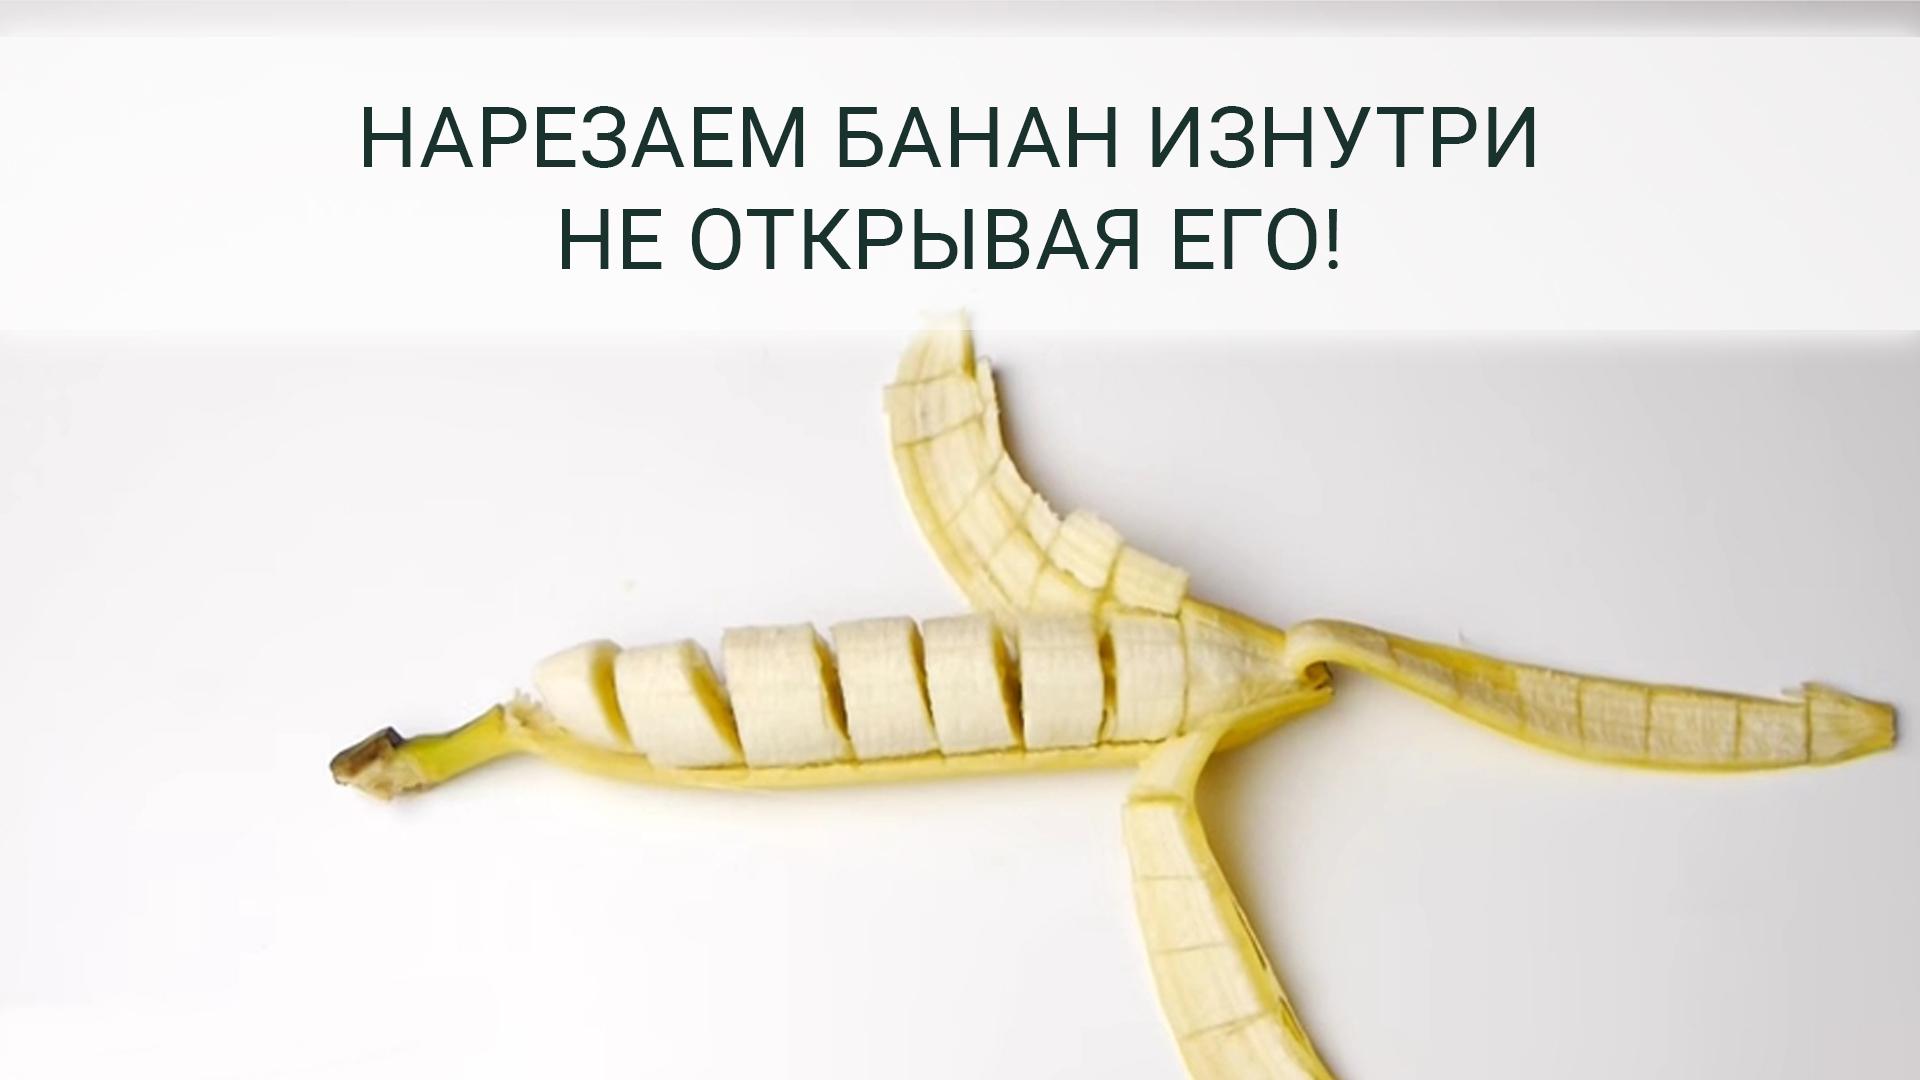 Интересный лайфхак: как порезать банан не открывая его